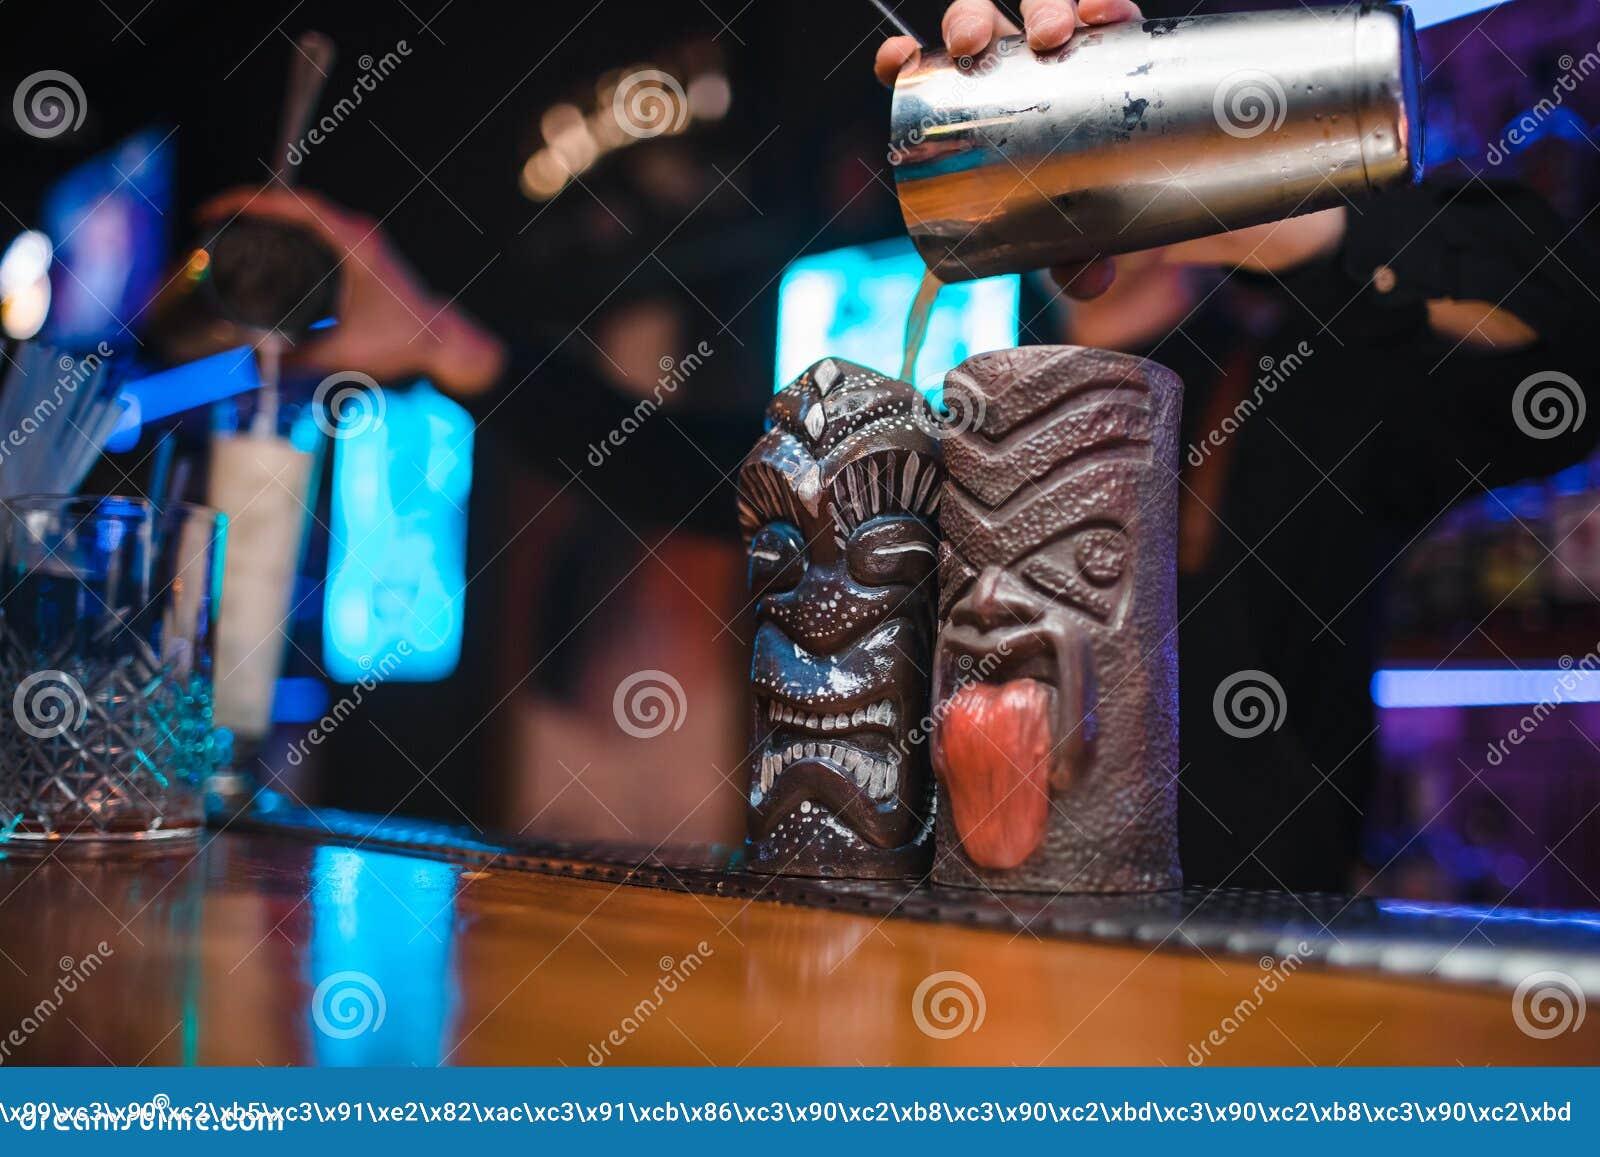 De meisjesbarman bereidt een cocktail in de nachtclub voor